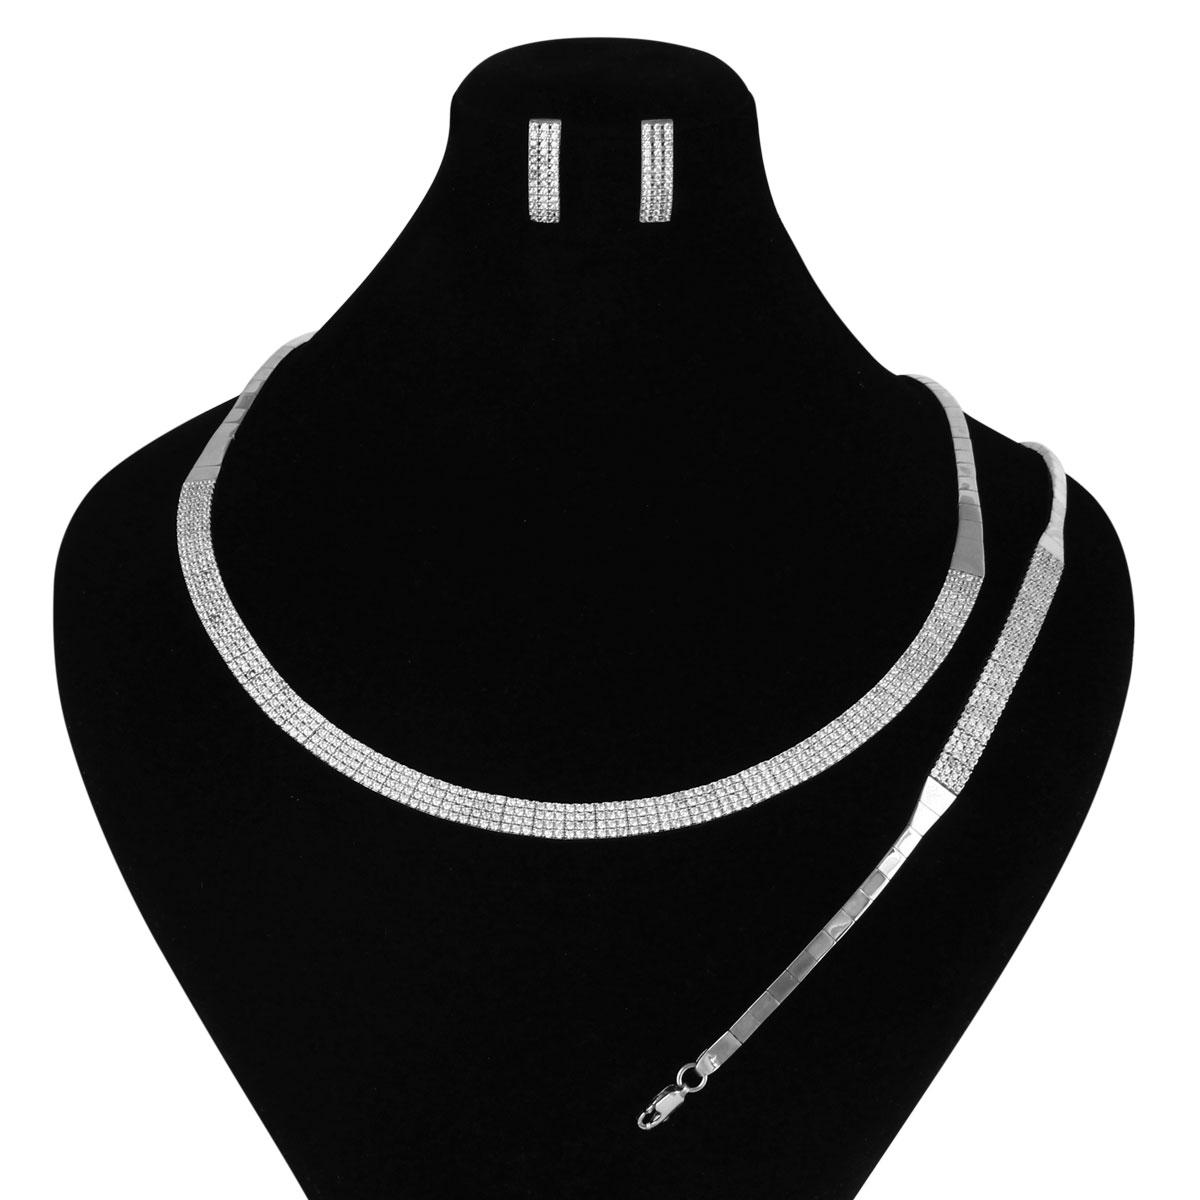 خرید سرویس نقره زنانه مدل رومینا